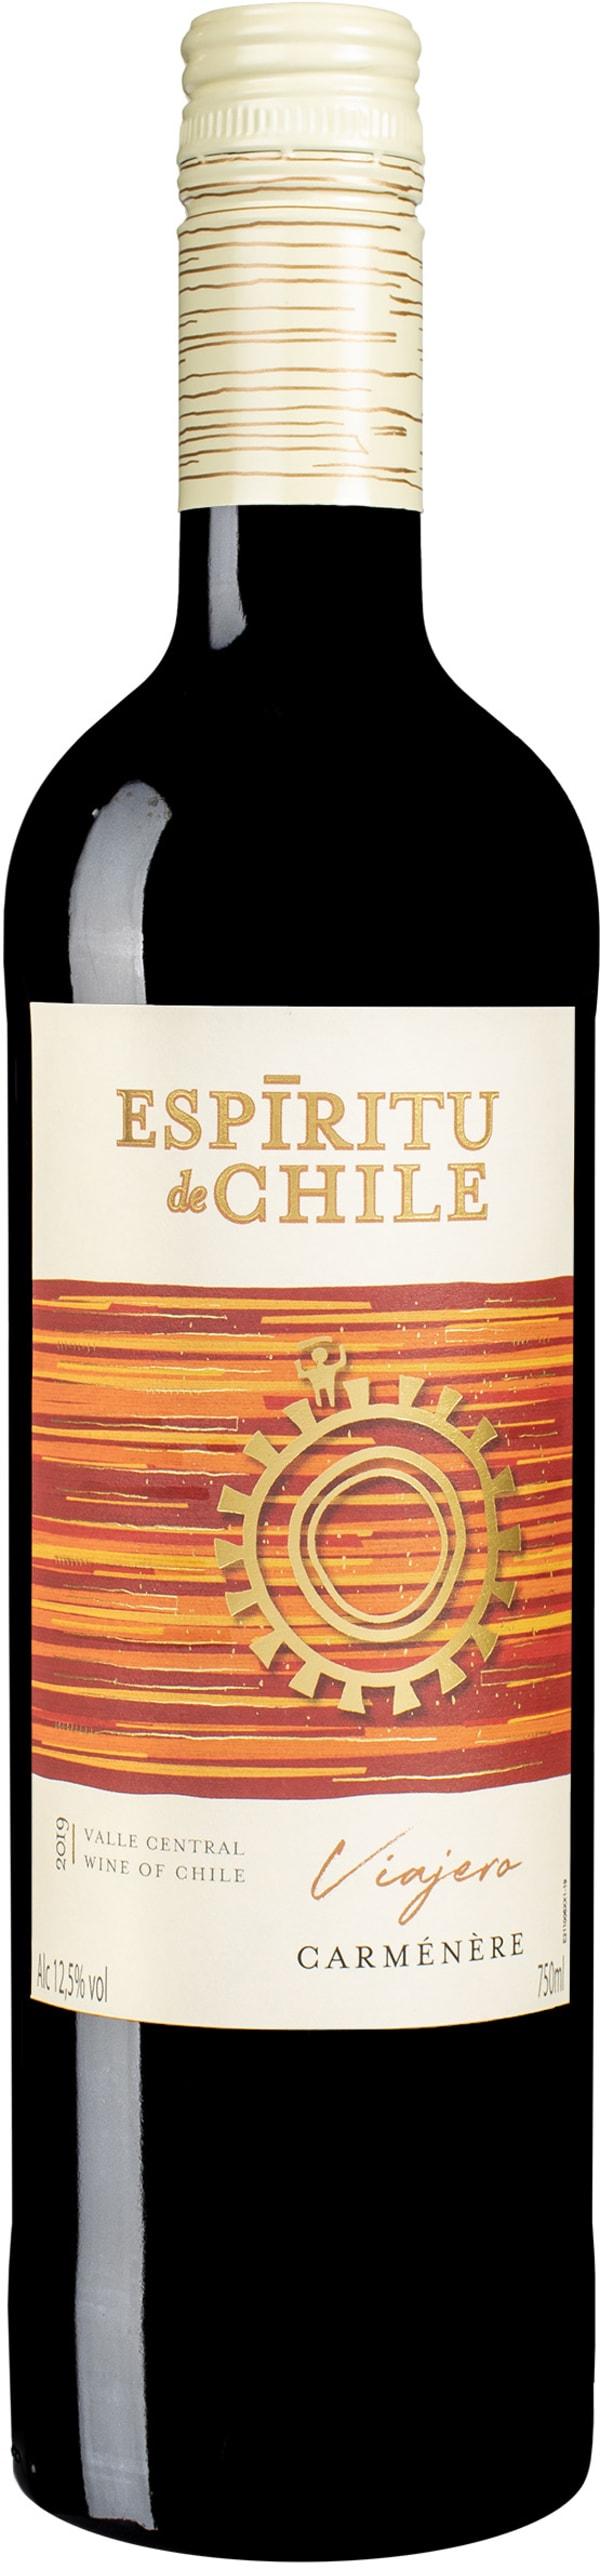 Espíritu de Chile Carmenère 2016